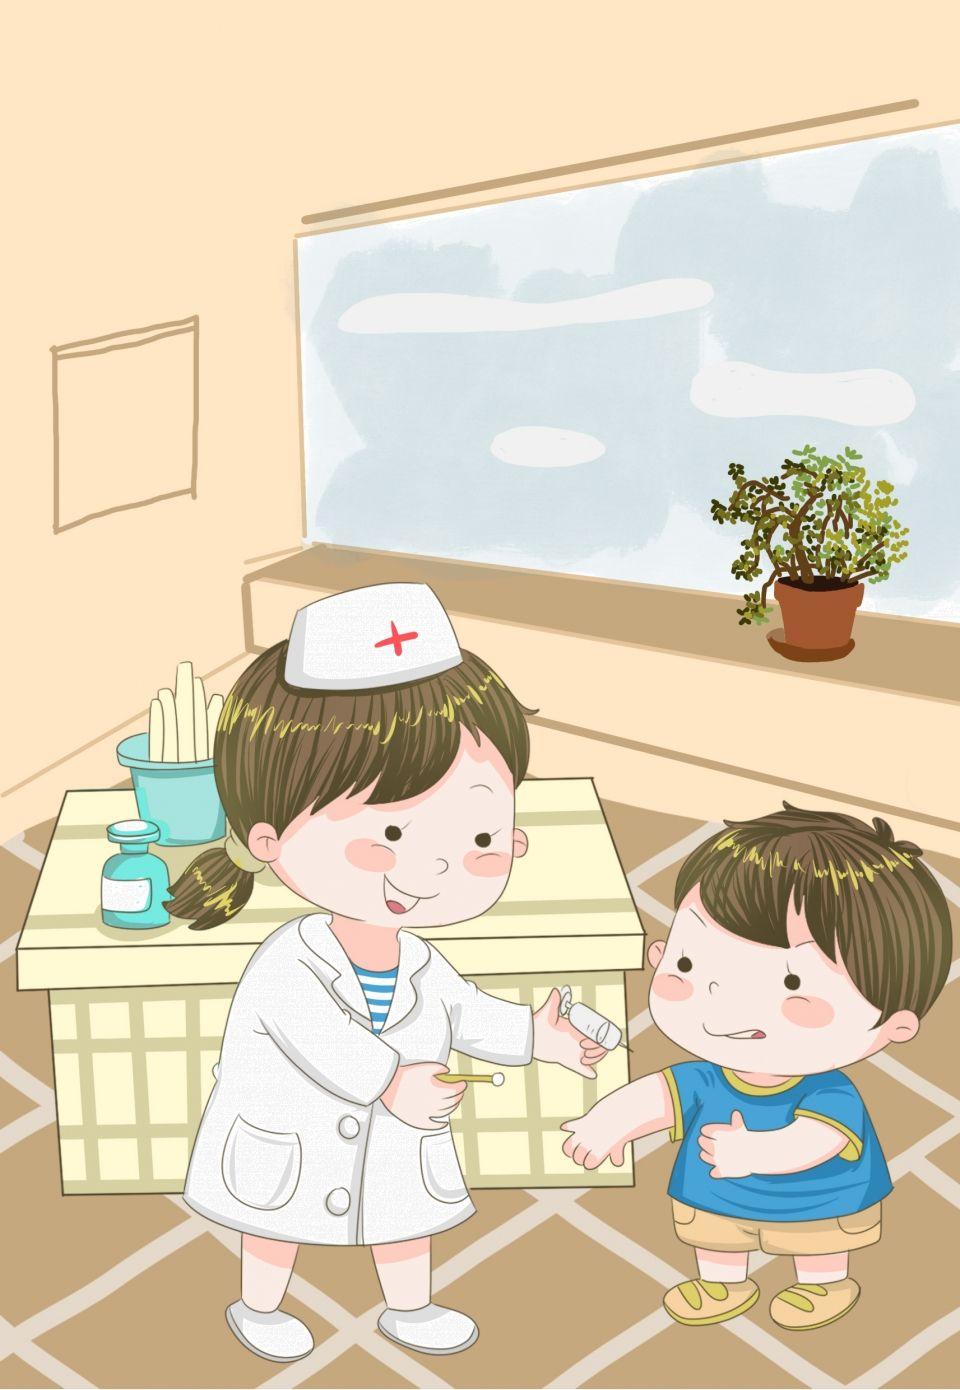 Prevencion De Enfermedades De Primavera Dibujos Animados Nino Vacunacion Dia Del Nino Dibujos Ninos Dibujos Animados Dibujos Para Ninos